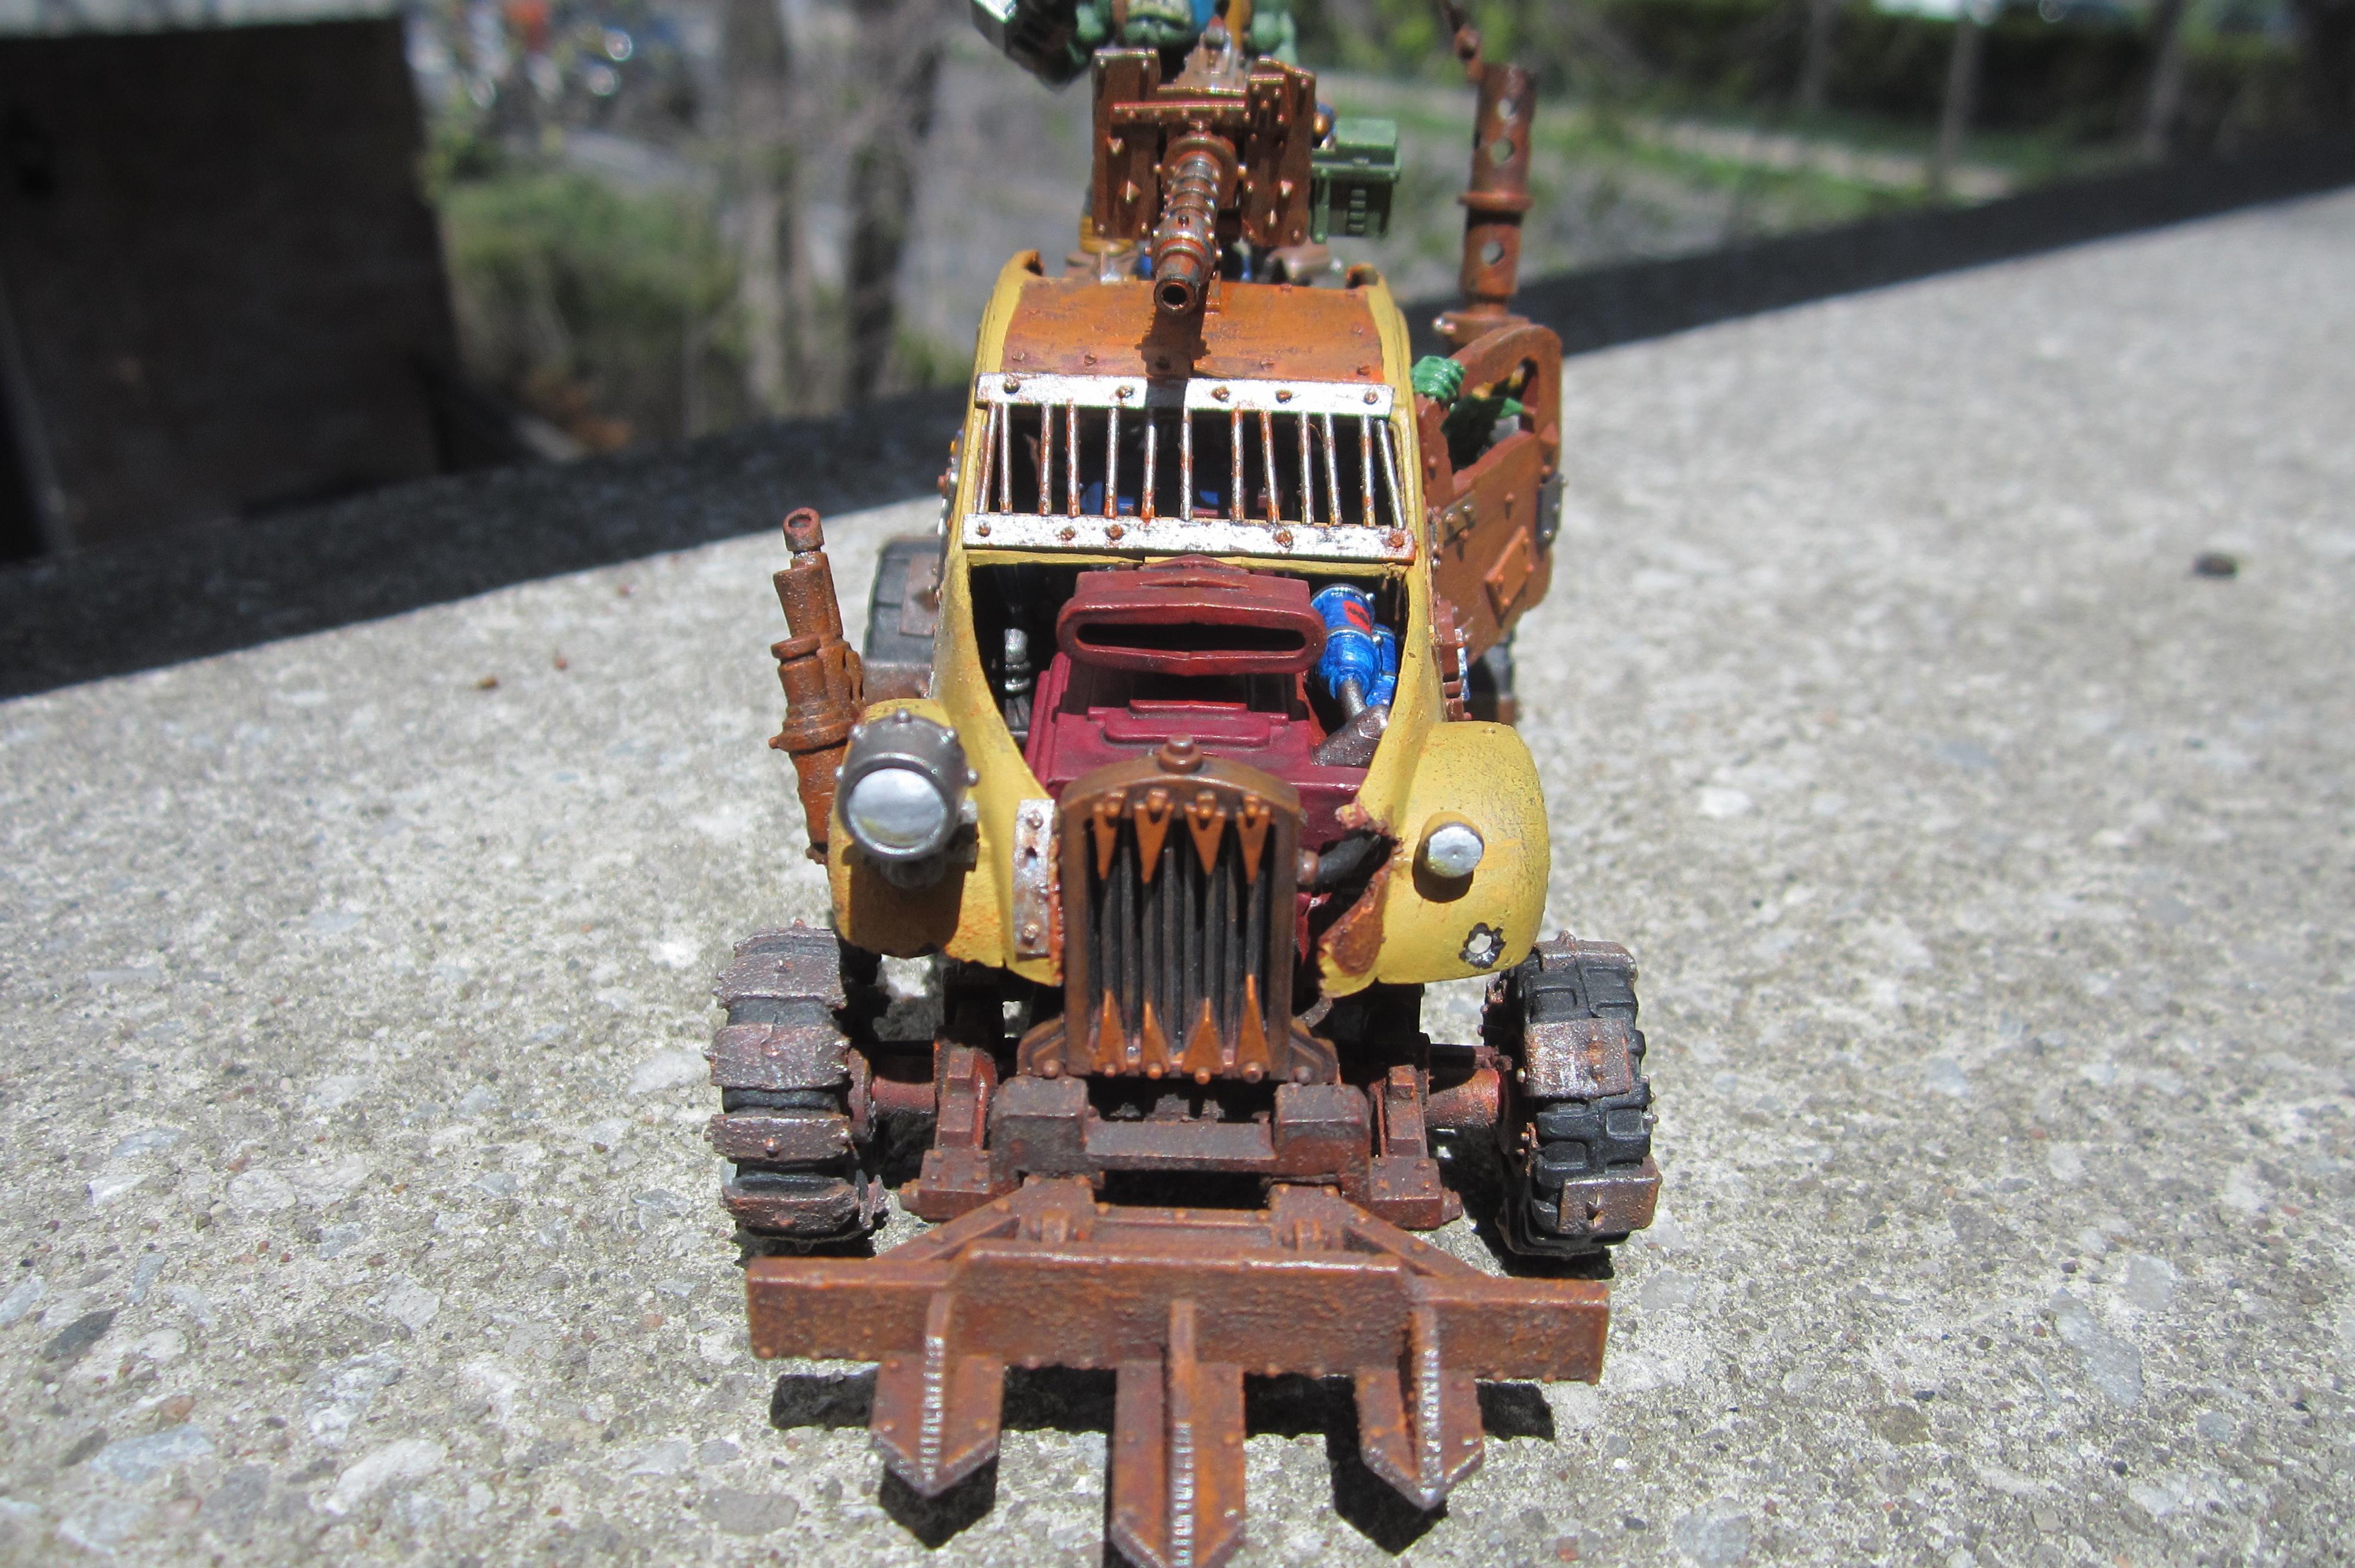 Conversion, Gorkamorka, Ork Buggies, Ork Buggy, Orks, Warhammer 40,000